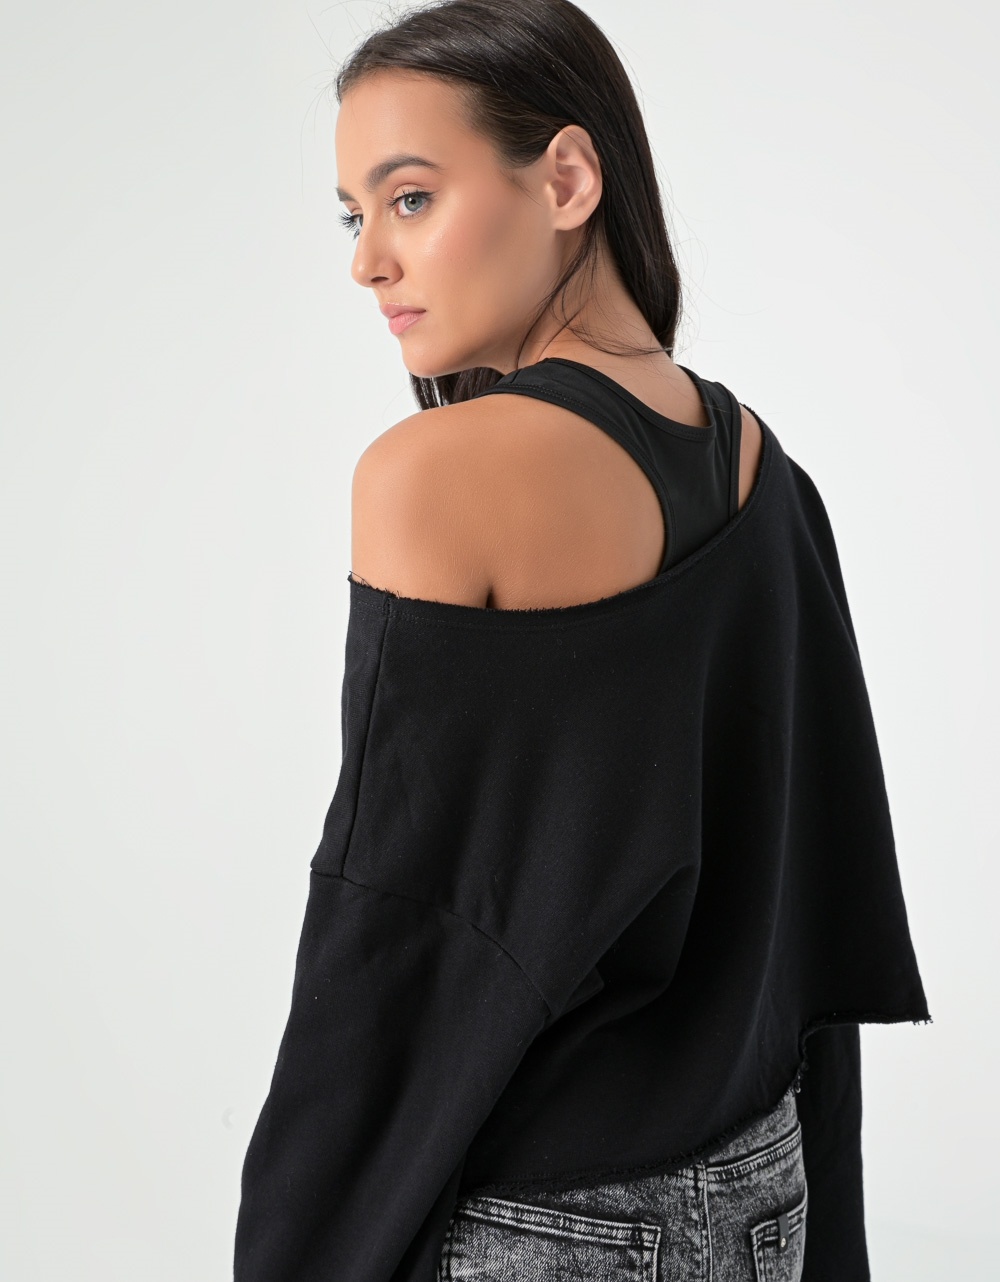 Εικόνα από Γυναικεία μπλούζα φούτερ σε φαρδιά γραμμή Μαύρο